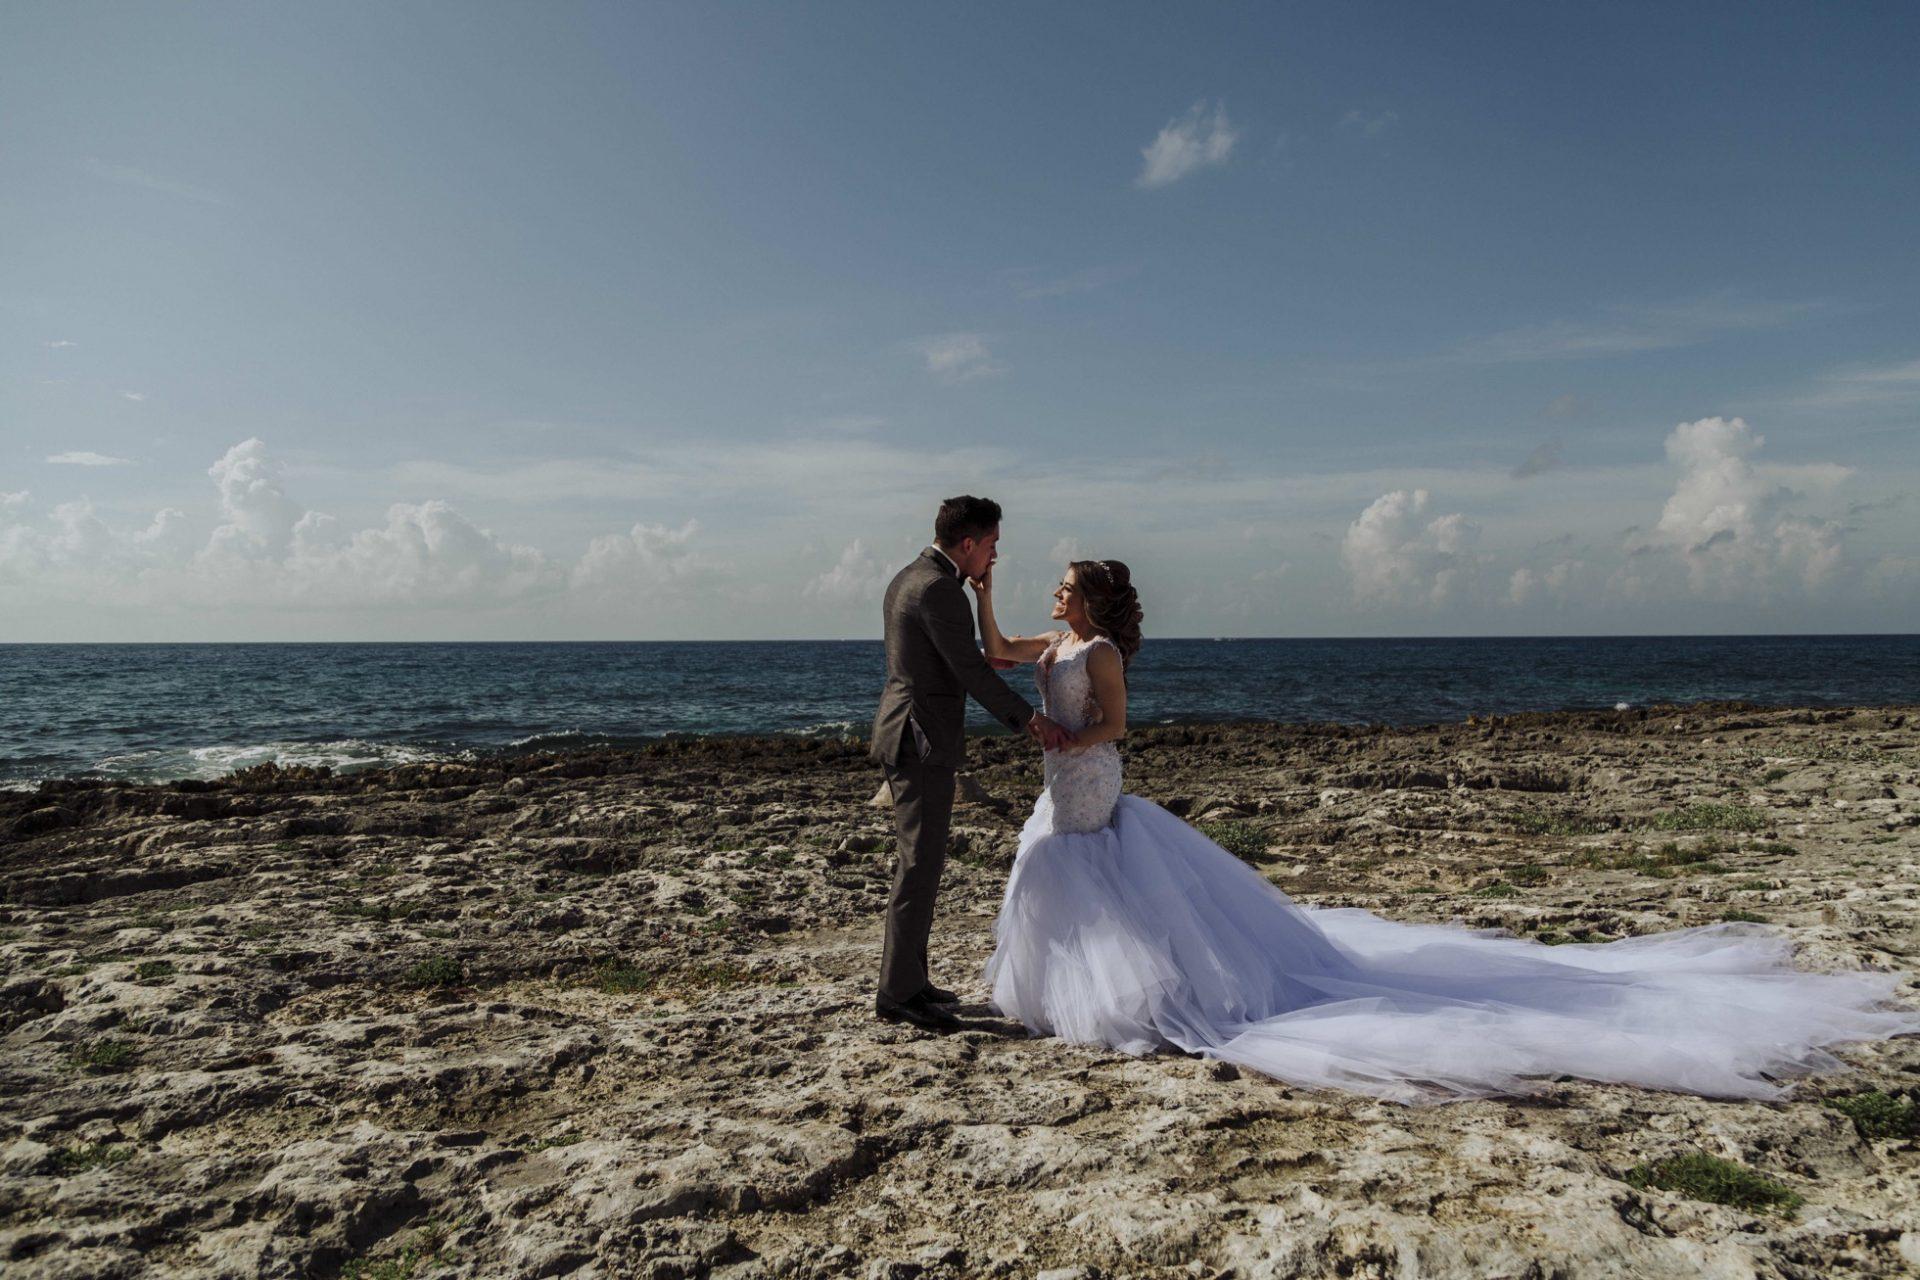 fotografo_bodas_profesional_zacatecas_riviera_maya_cancun-158